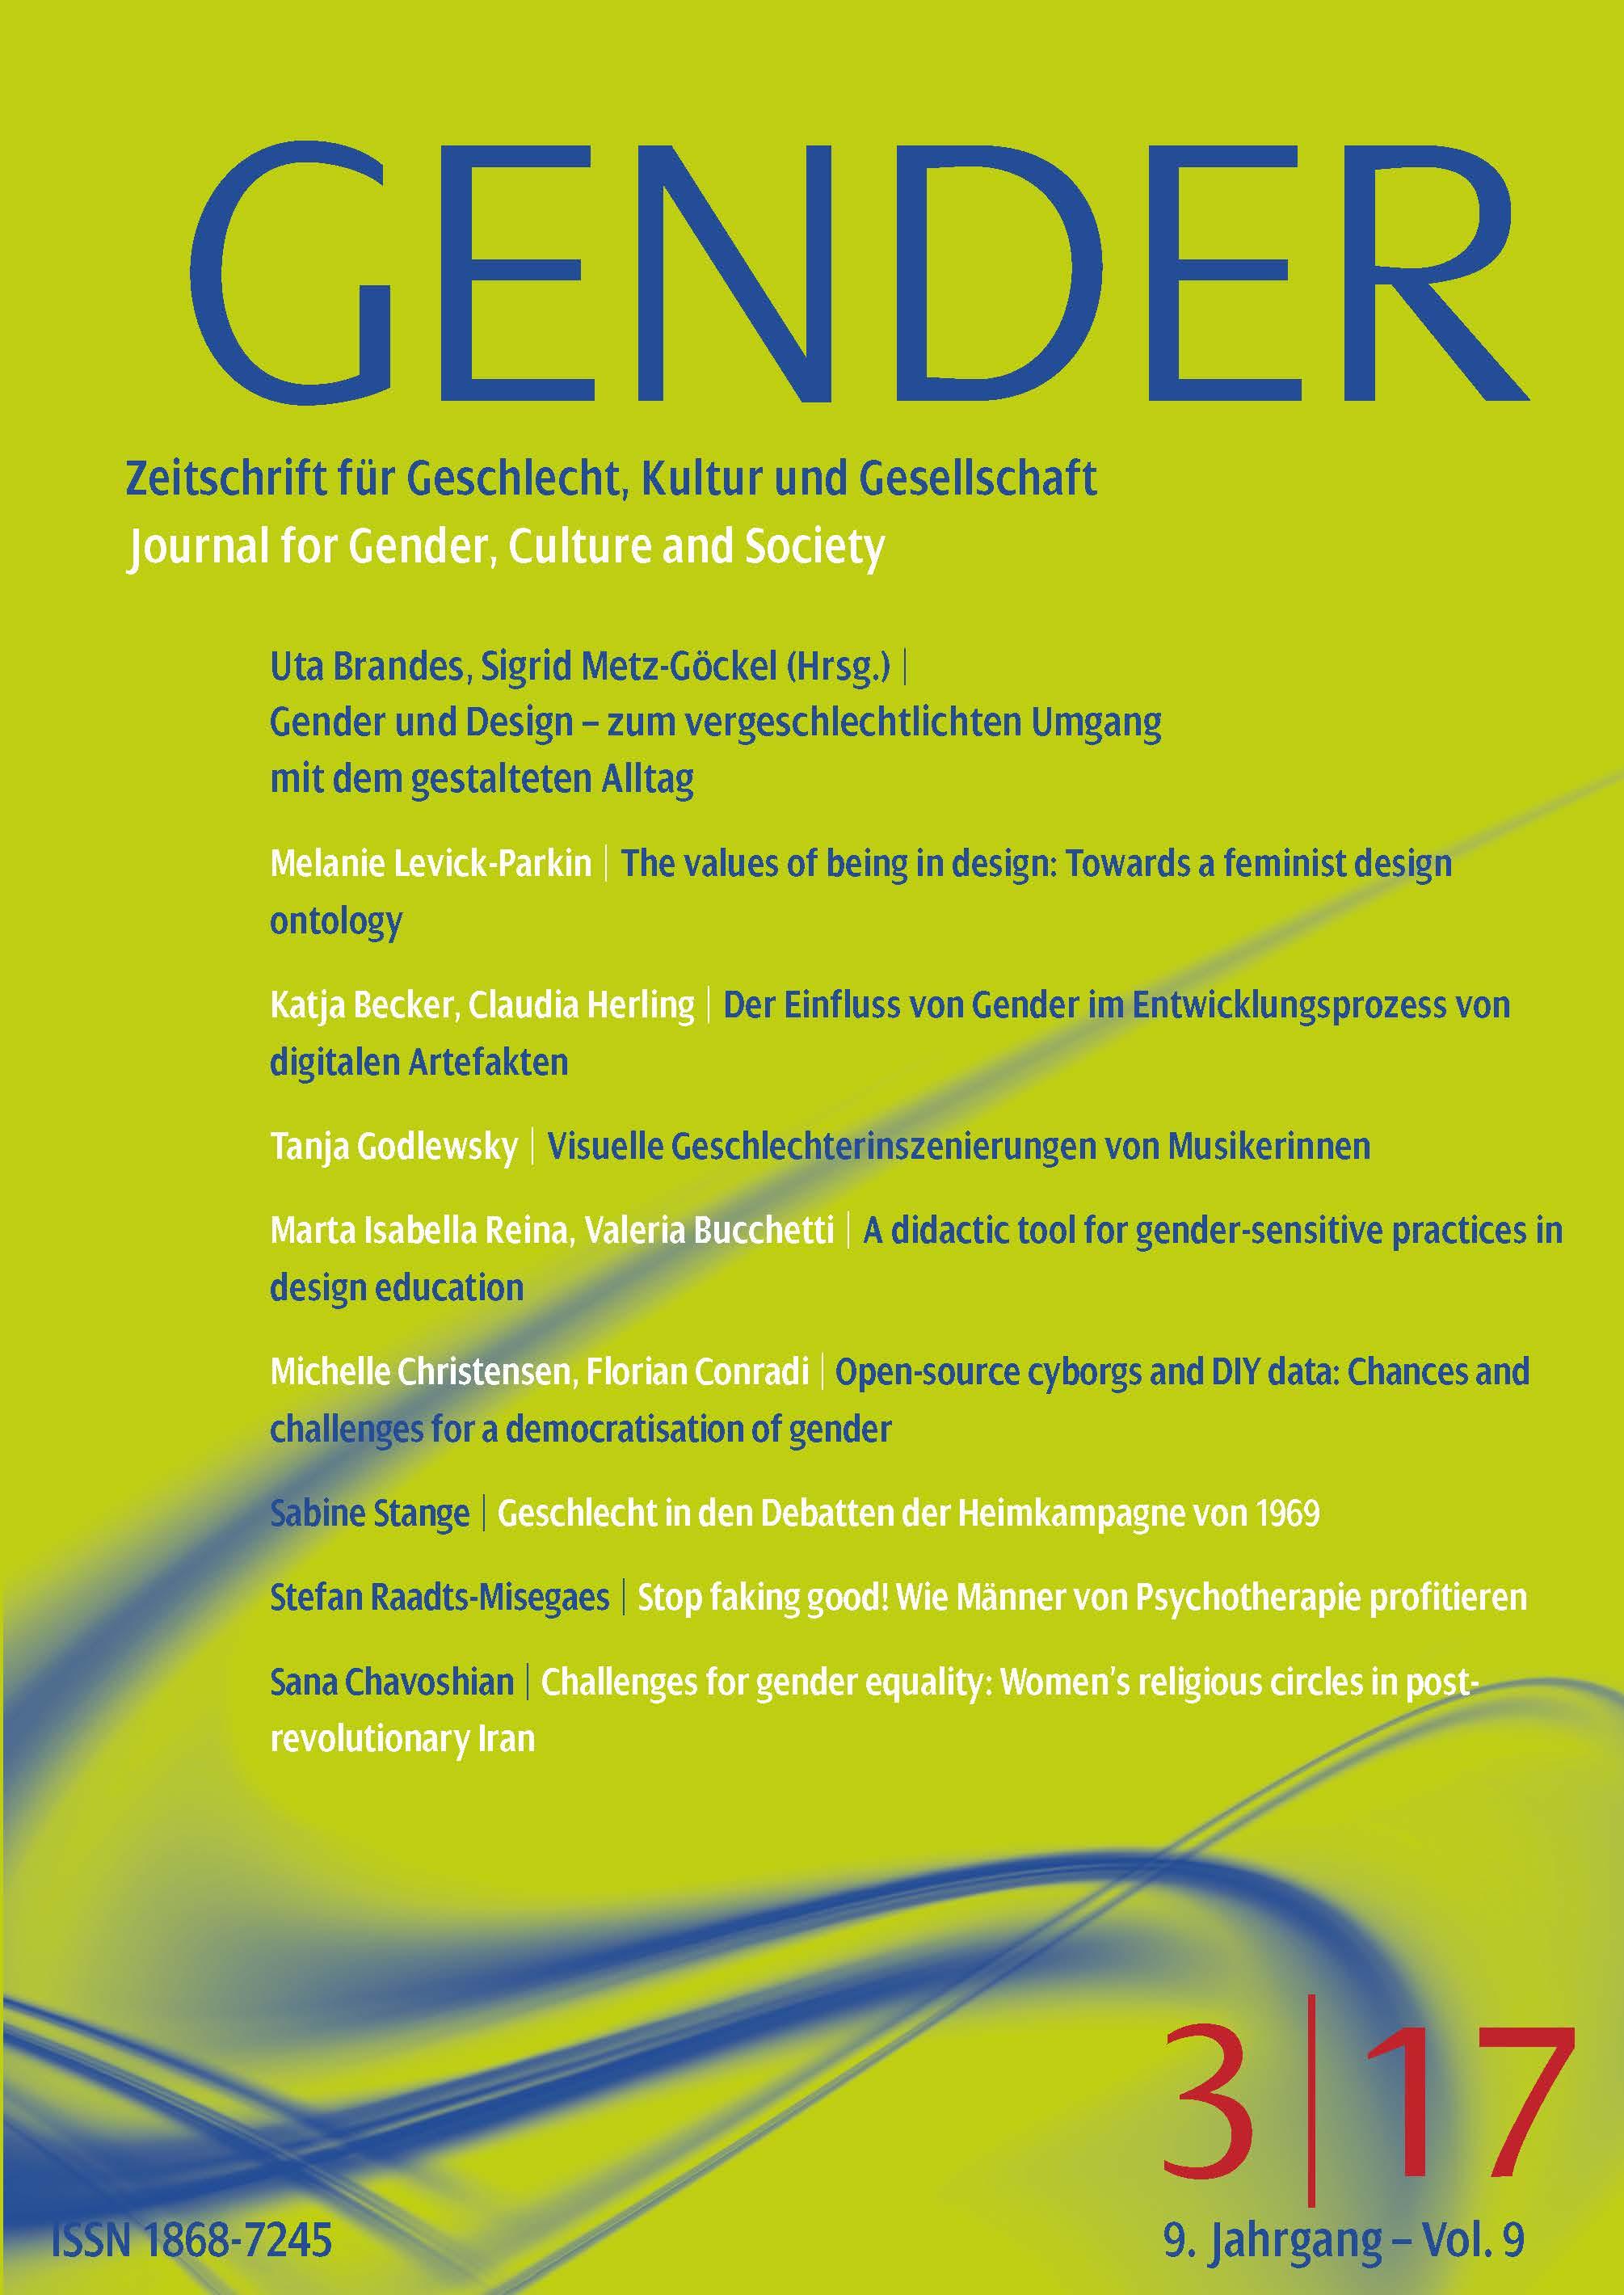 GENDER 3-2017 | Gender und Design – zum vergeschlechtlichten Umgang mit dem gestalteten Alltag